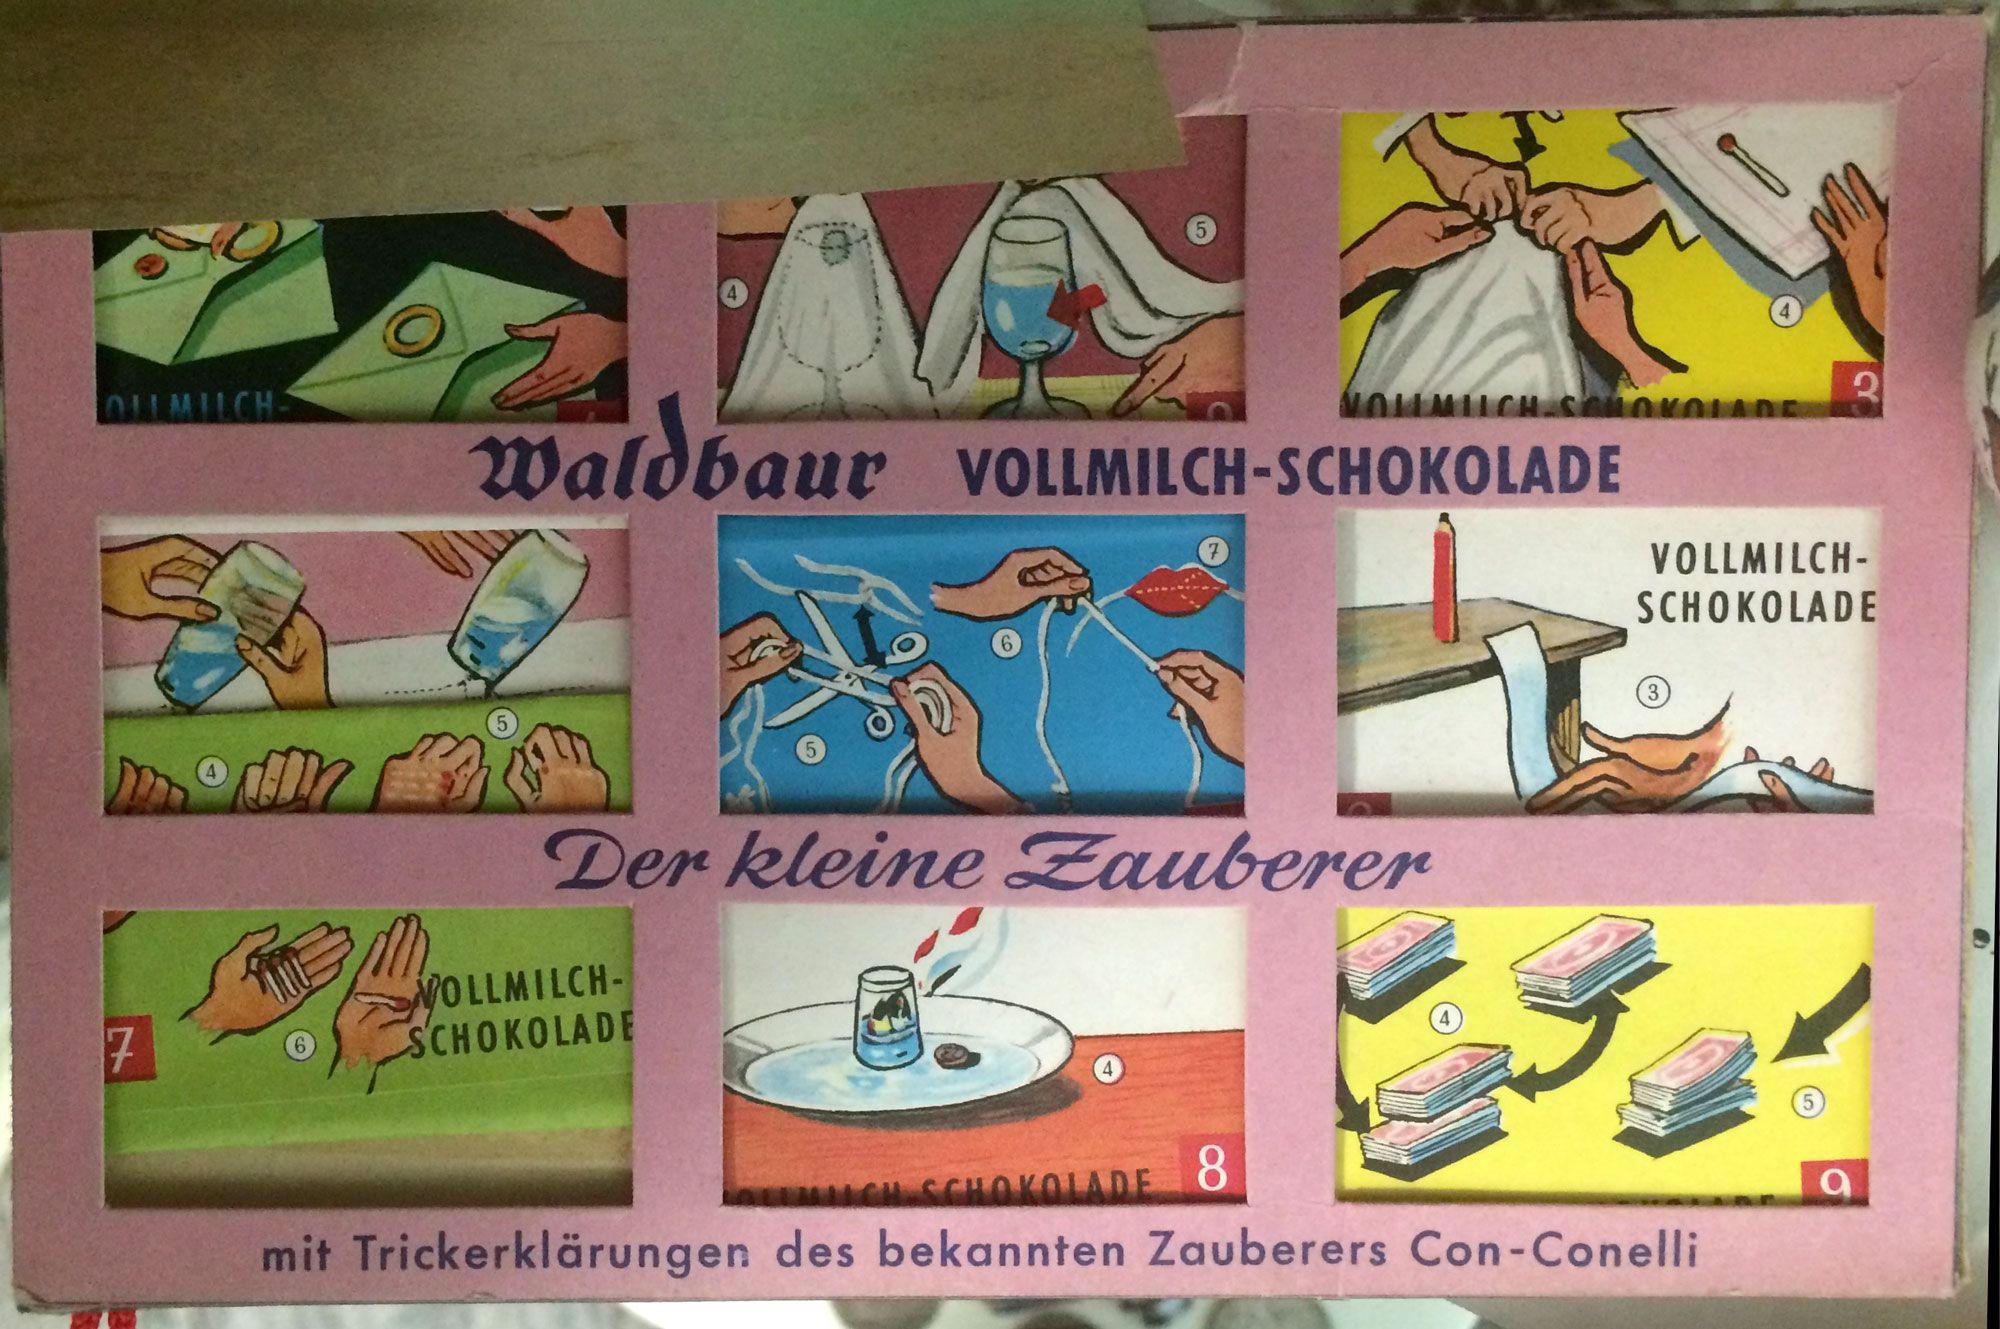 Zauberkunststückerklärungen auf Schokoladenverpackung - hier von der Fa. Waldbaur. Der Zauberkünstler Con Conelli stammte aus Stuttgart und war Mitglied im OZ Stuttgart